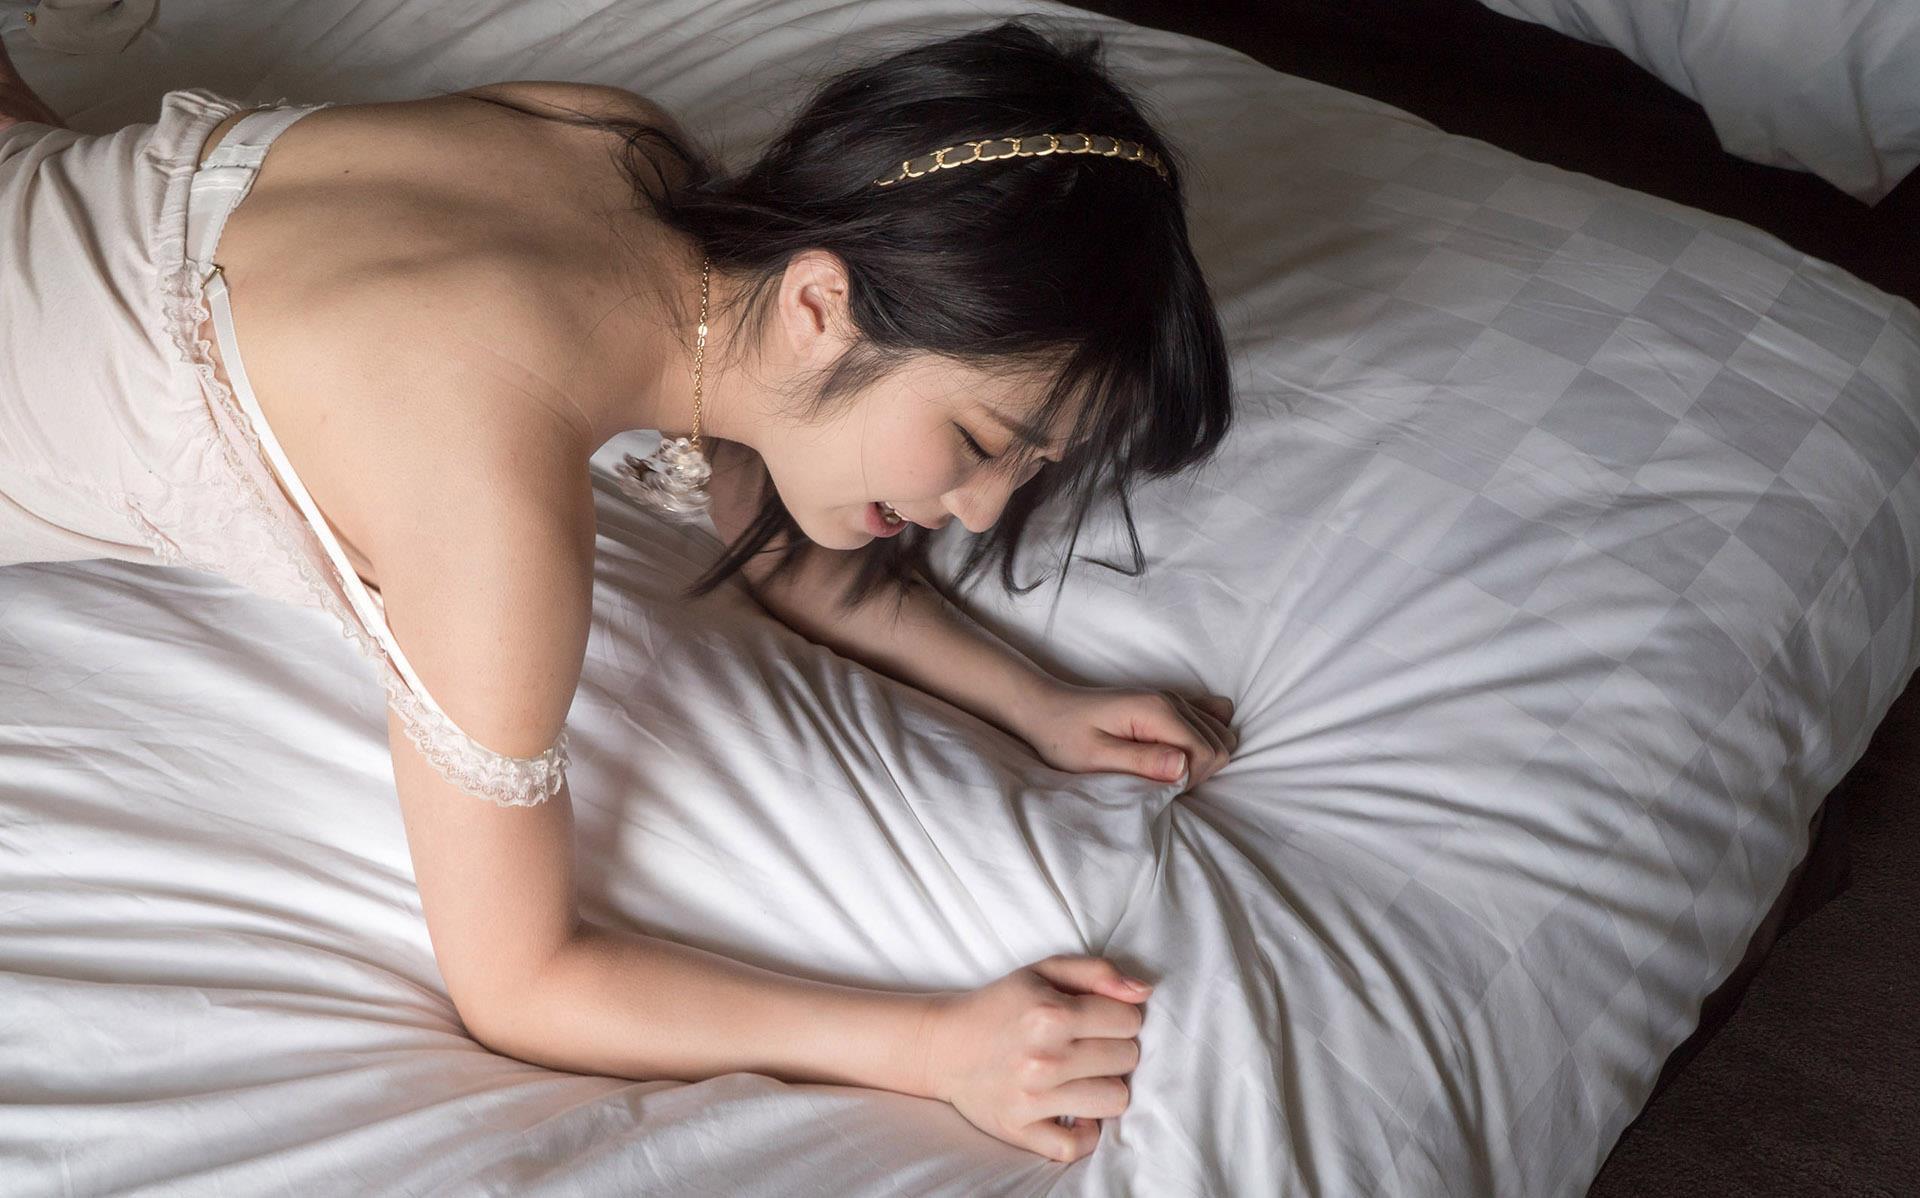 若月まりあ(星まりあ) セックス画像 110